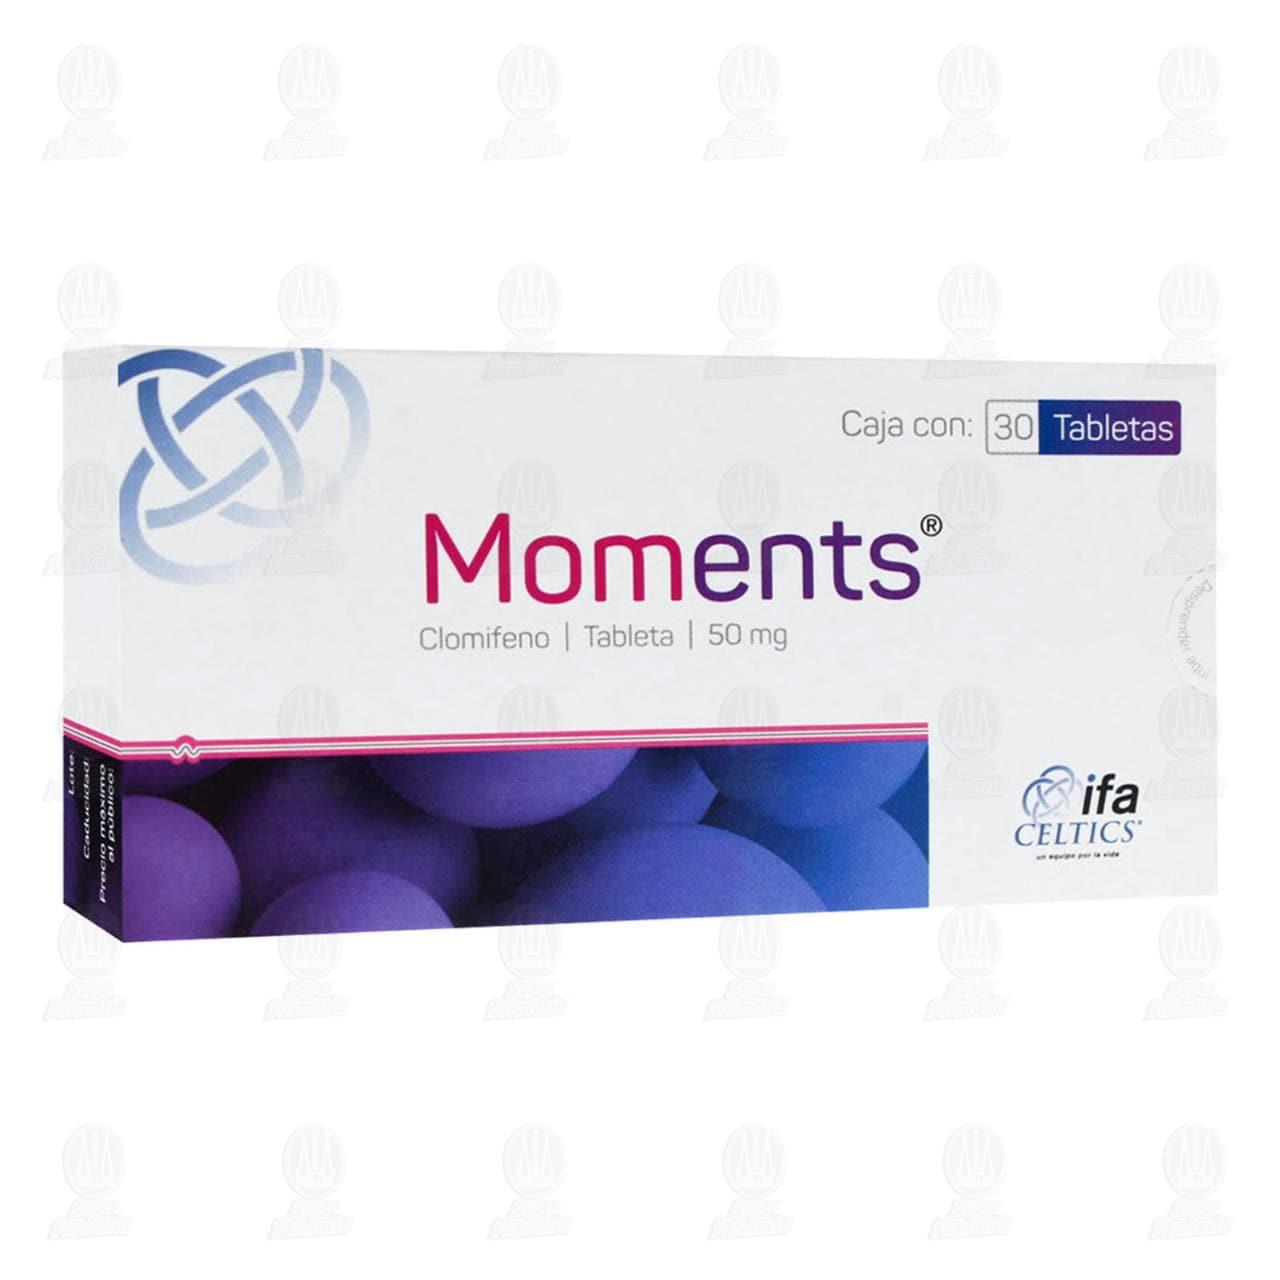 Comprar Moments 50mg 30 Tabletas en Farmacias Guadalajara